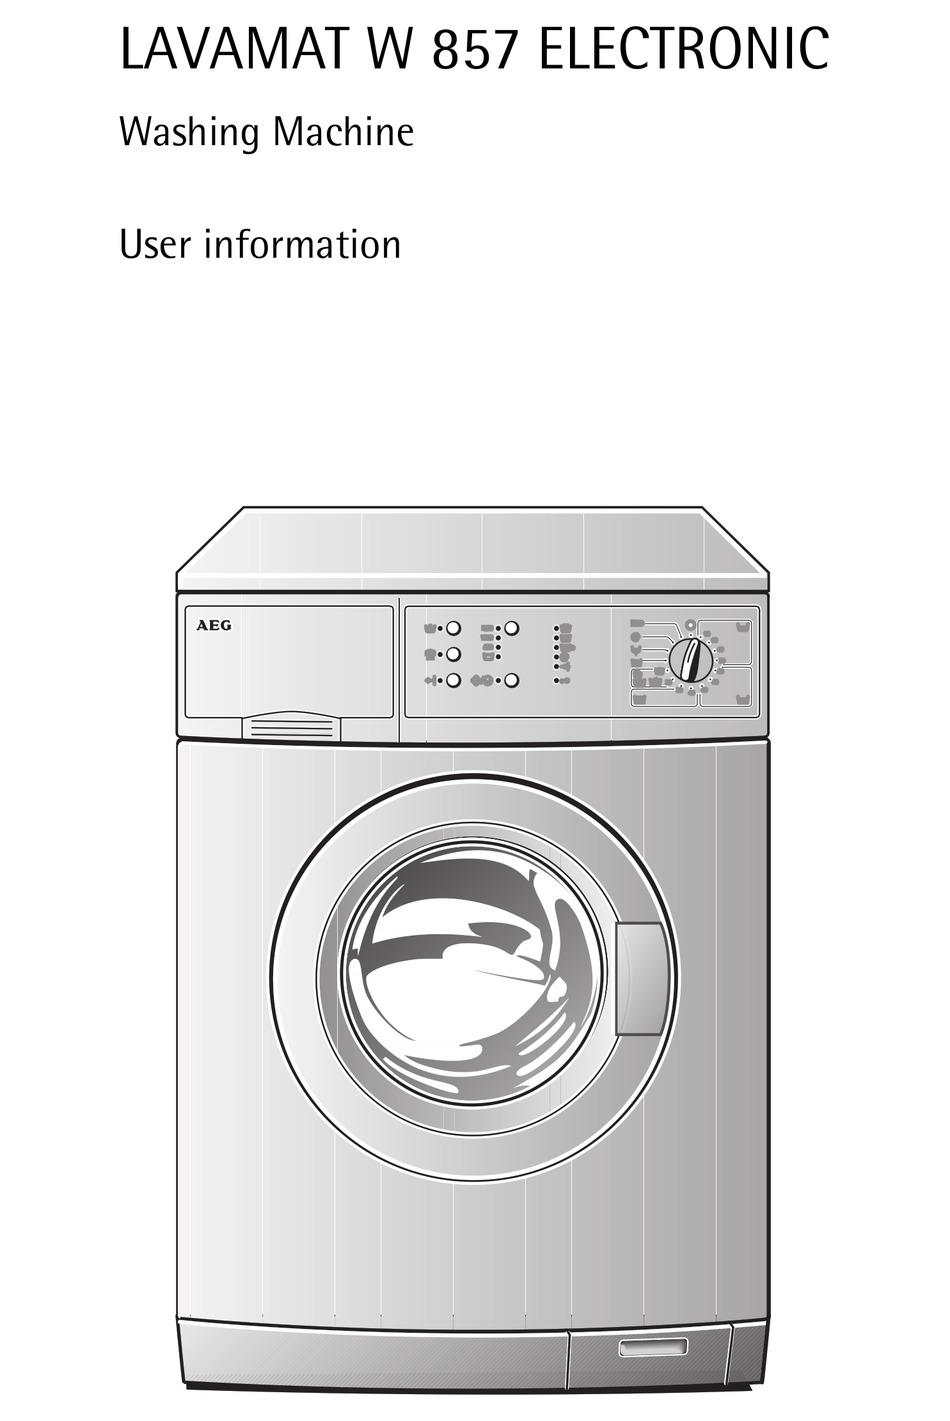 Aeg Lavamat W 857 User Information Pdf Download Manualslib